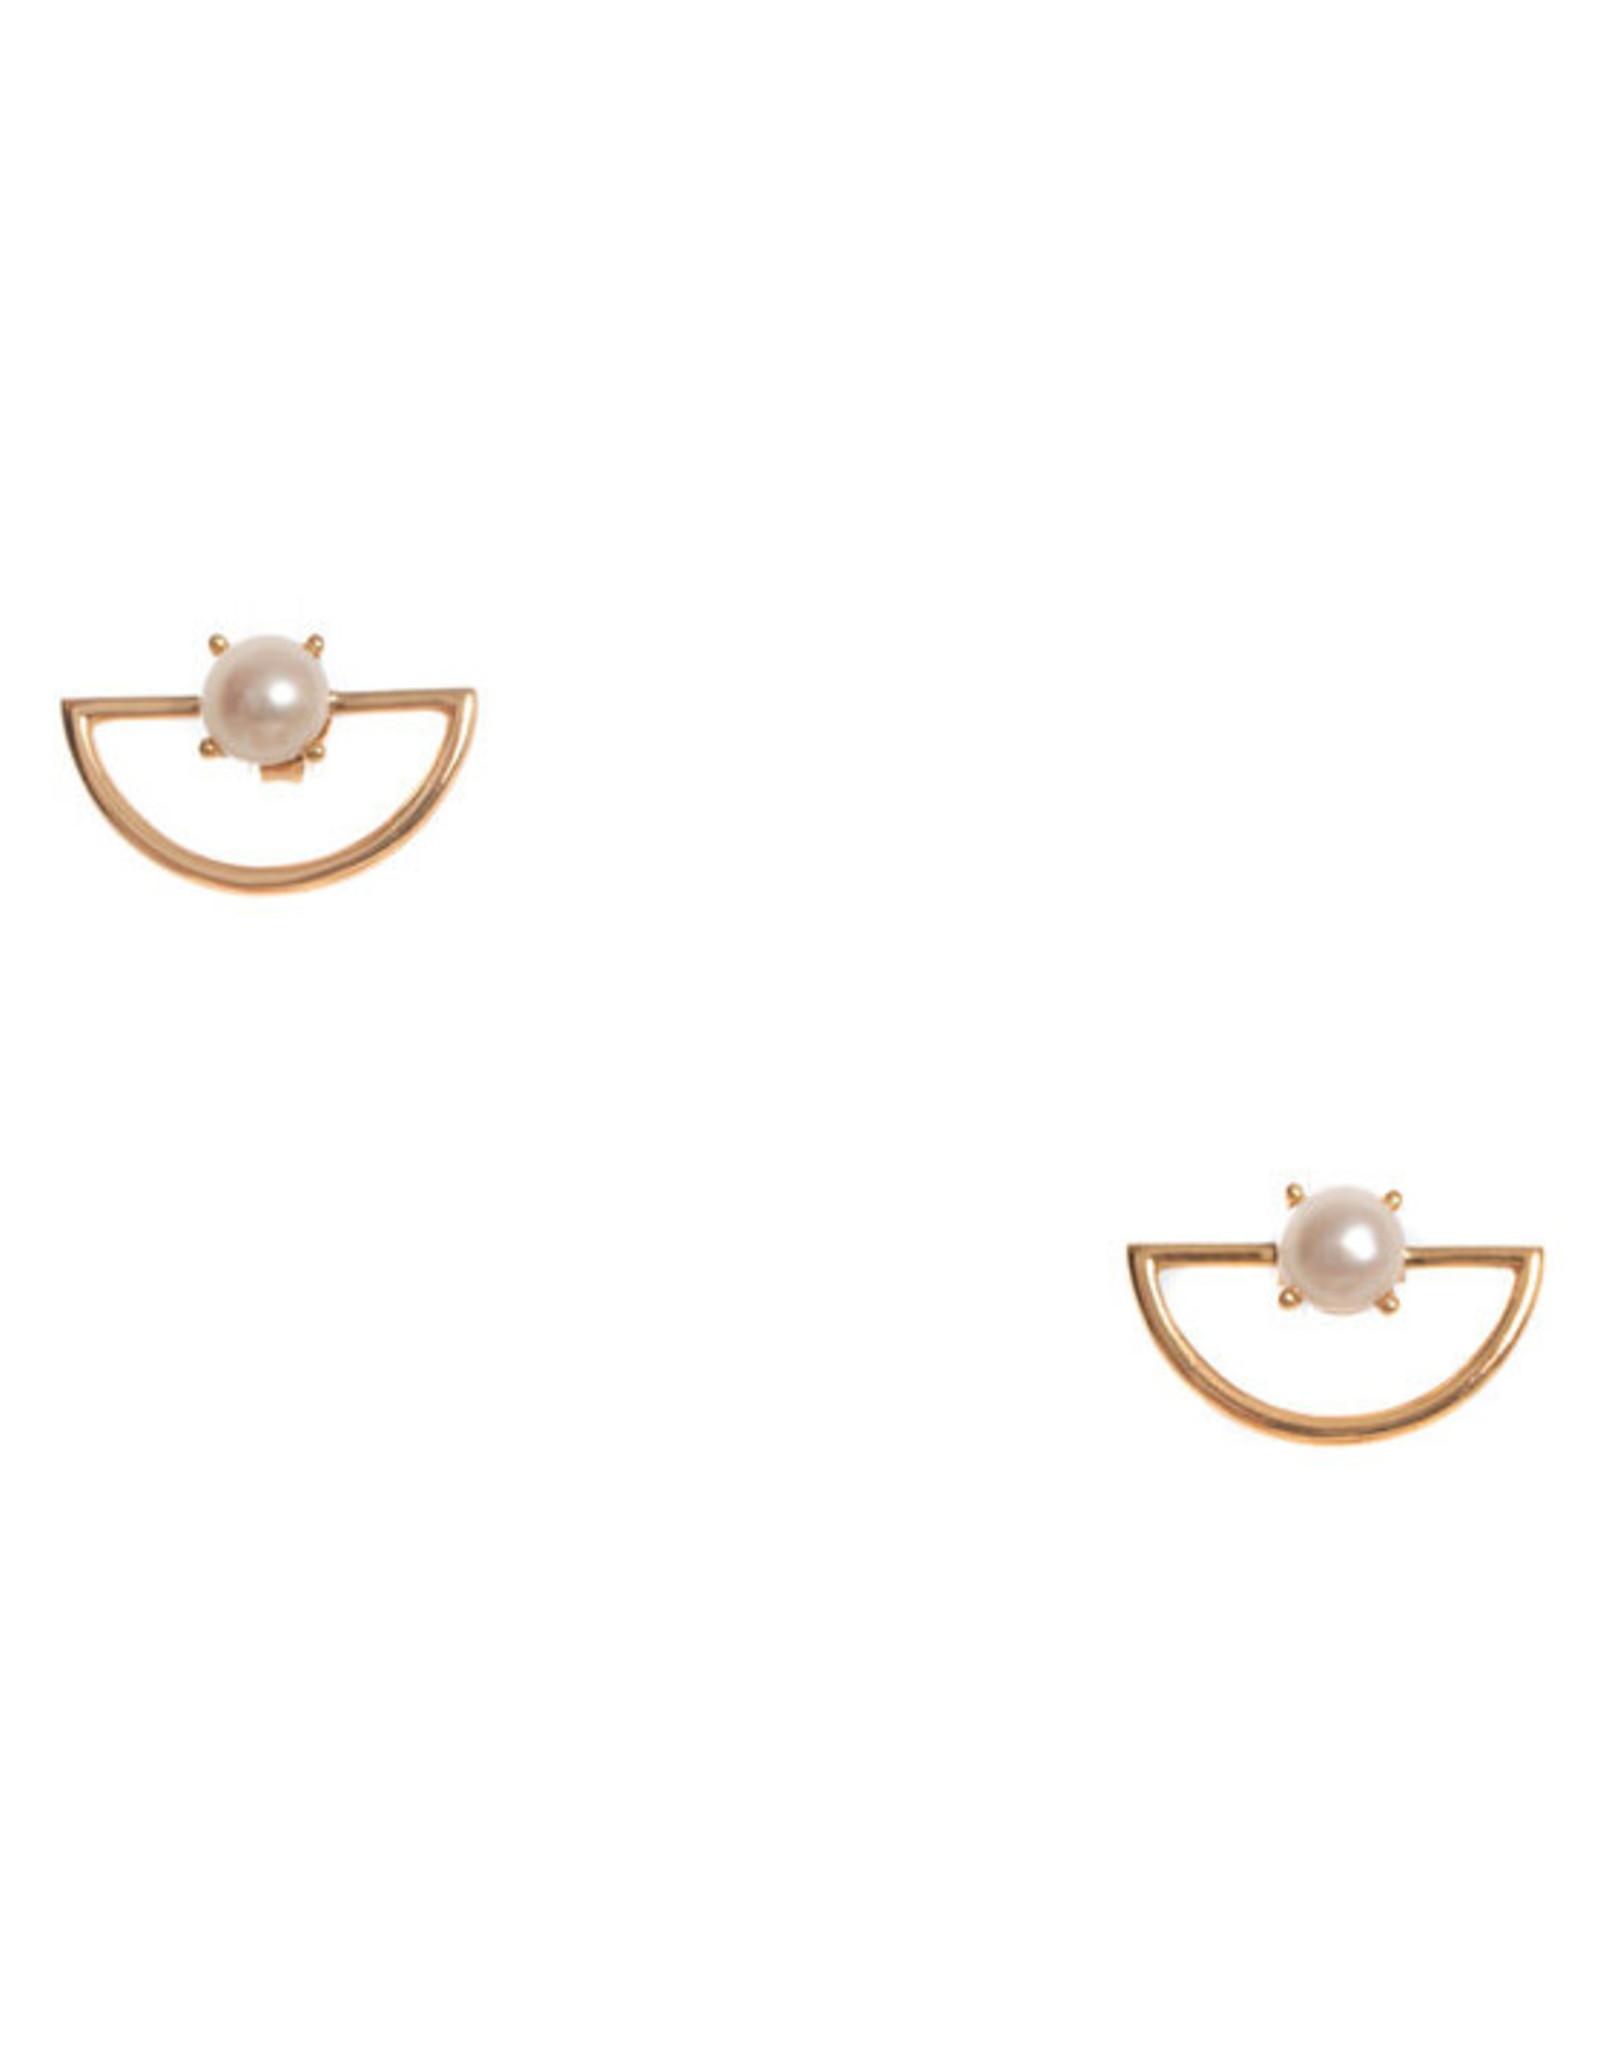 Hailey Gerrits Designs Pine Earrings - Pearl